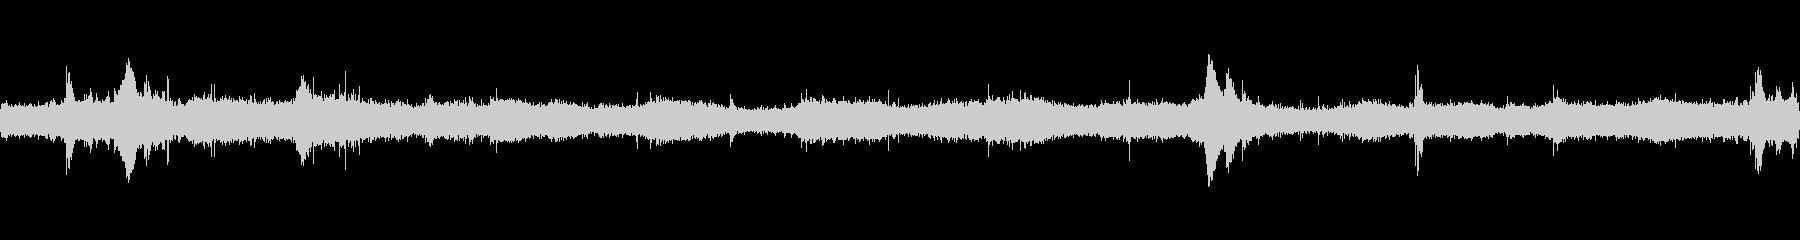 タヒチのトロピカルサーフィン、波が...の未再生の波形